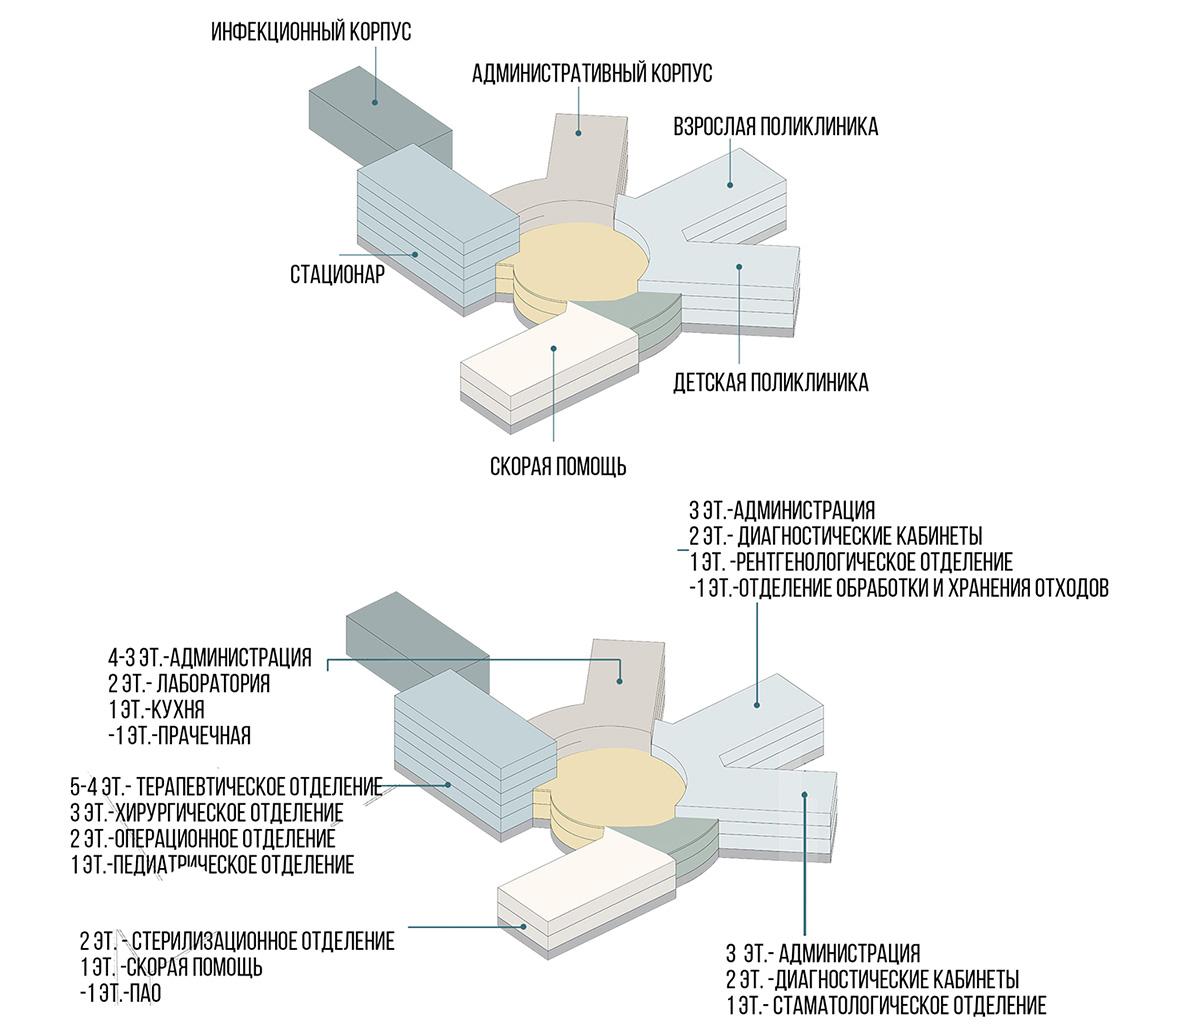 Функциональные схемы корпусов